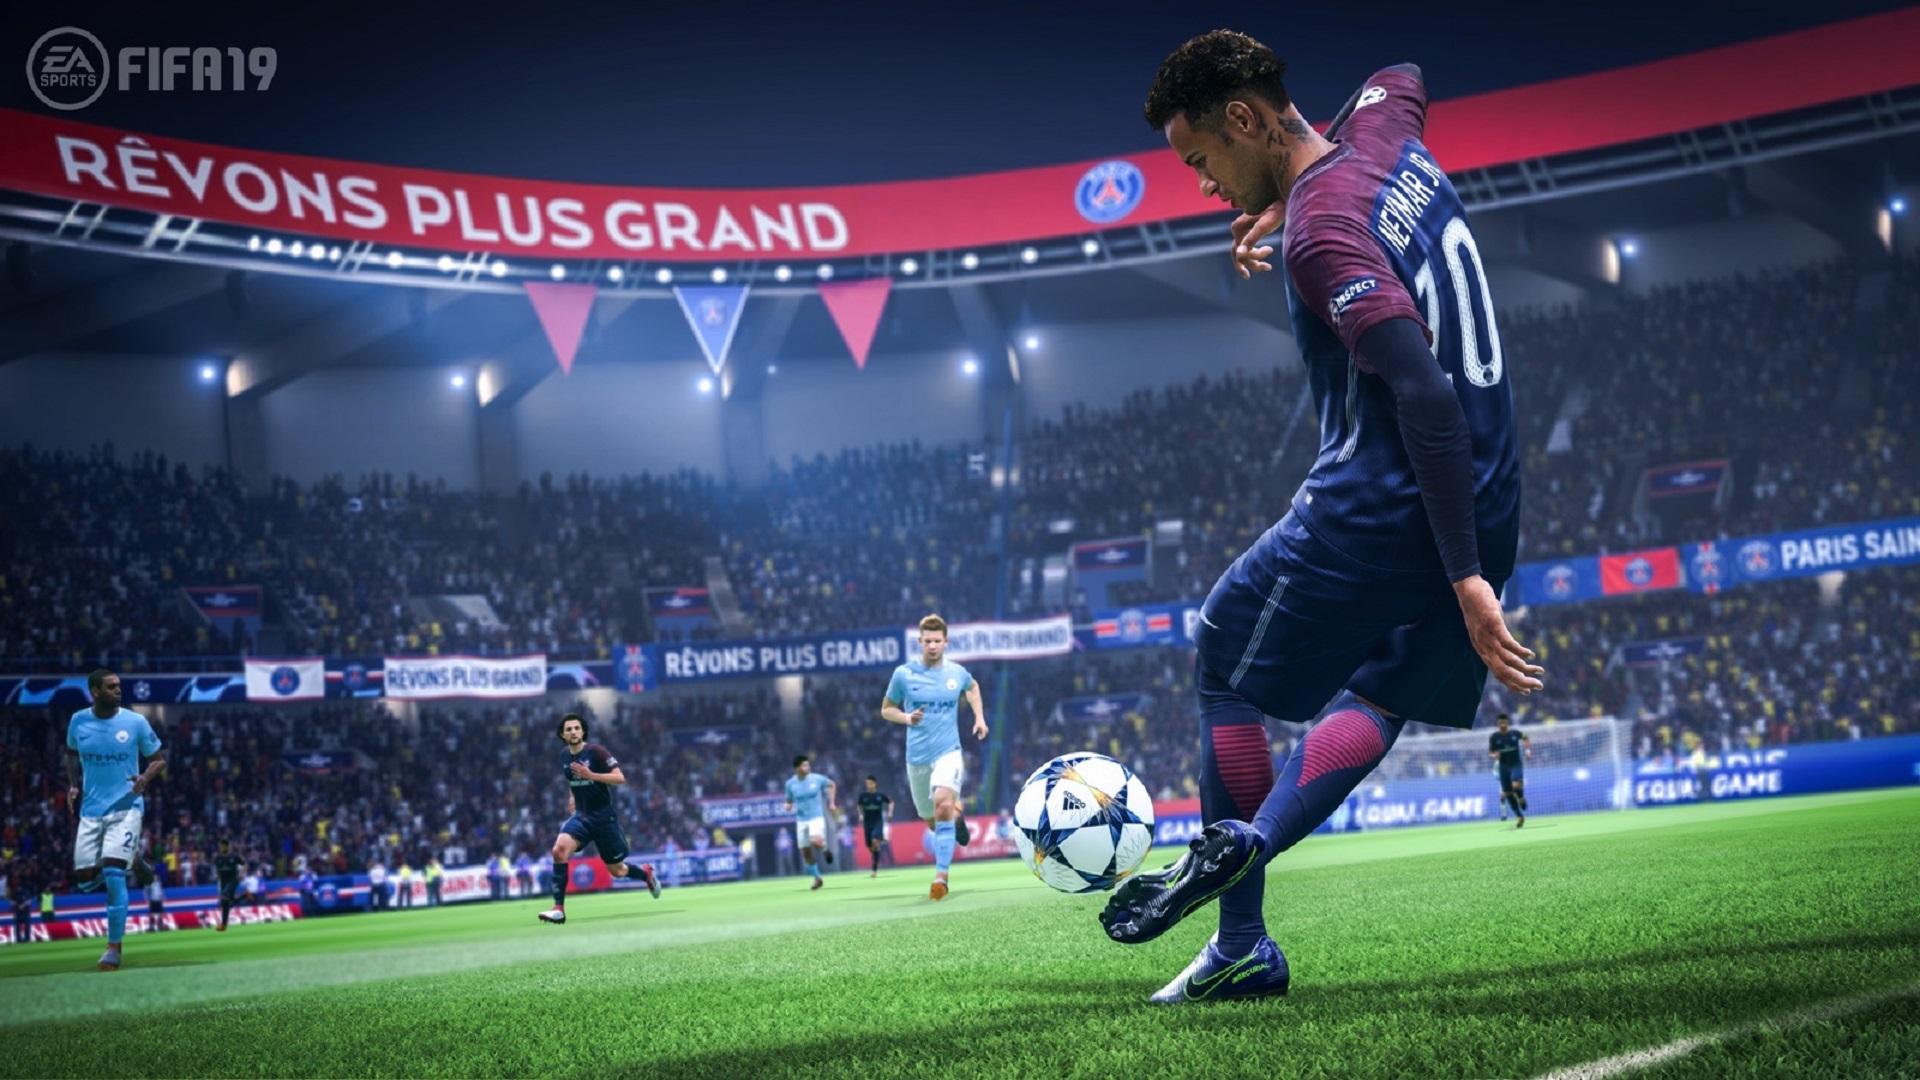 Afbeeldingsresultaat voor Fifa 19 gameplay ps4